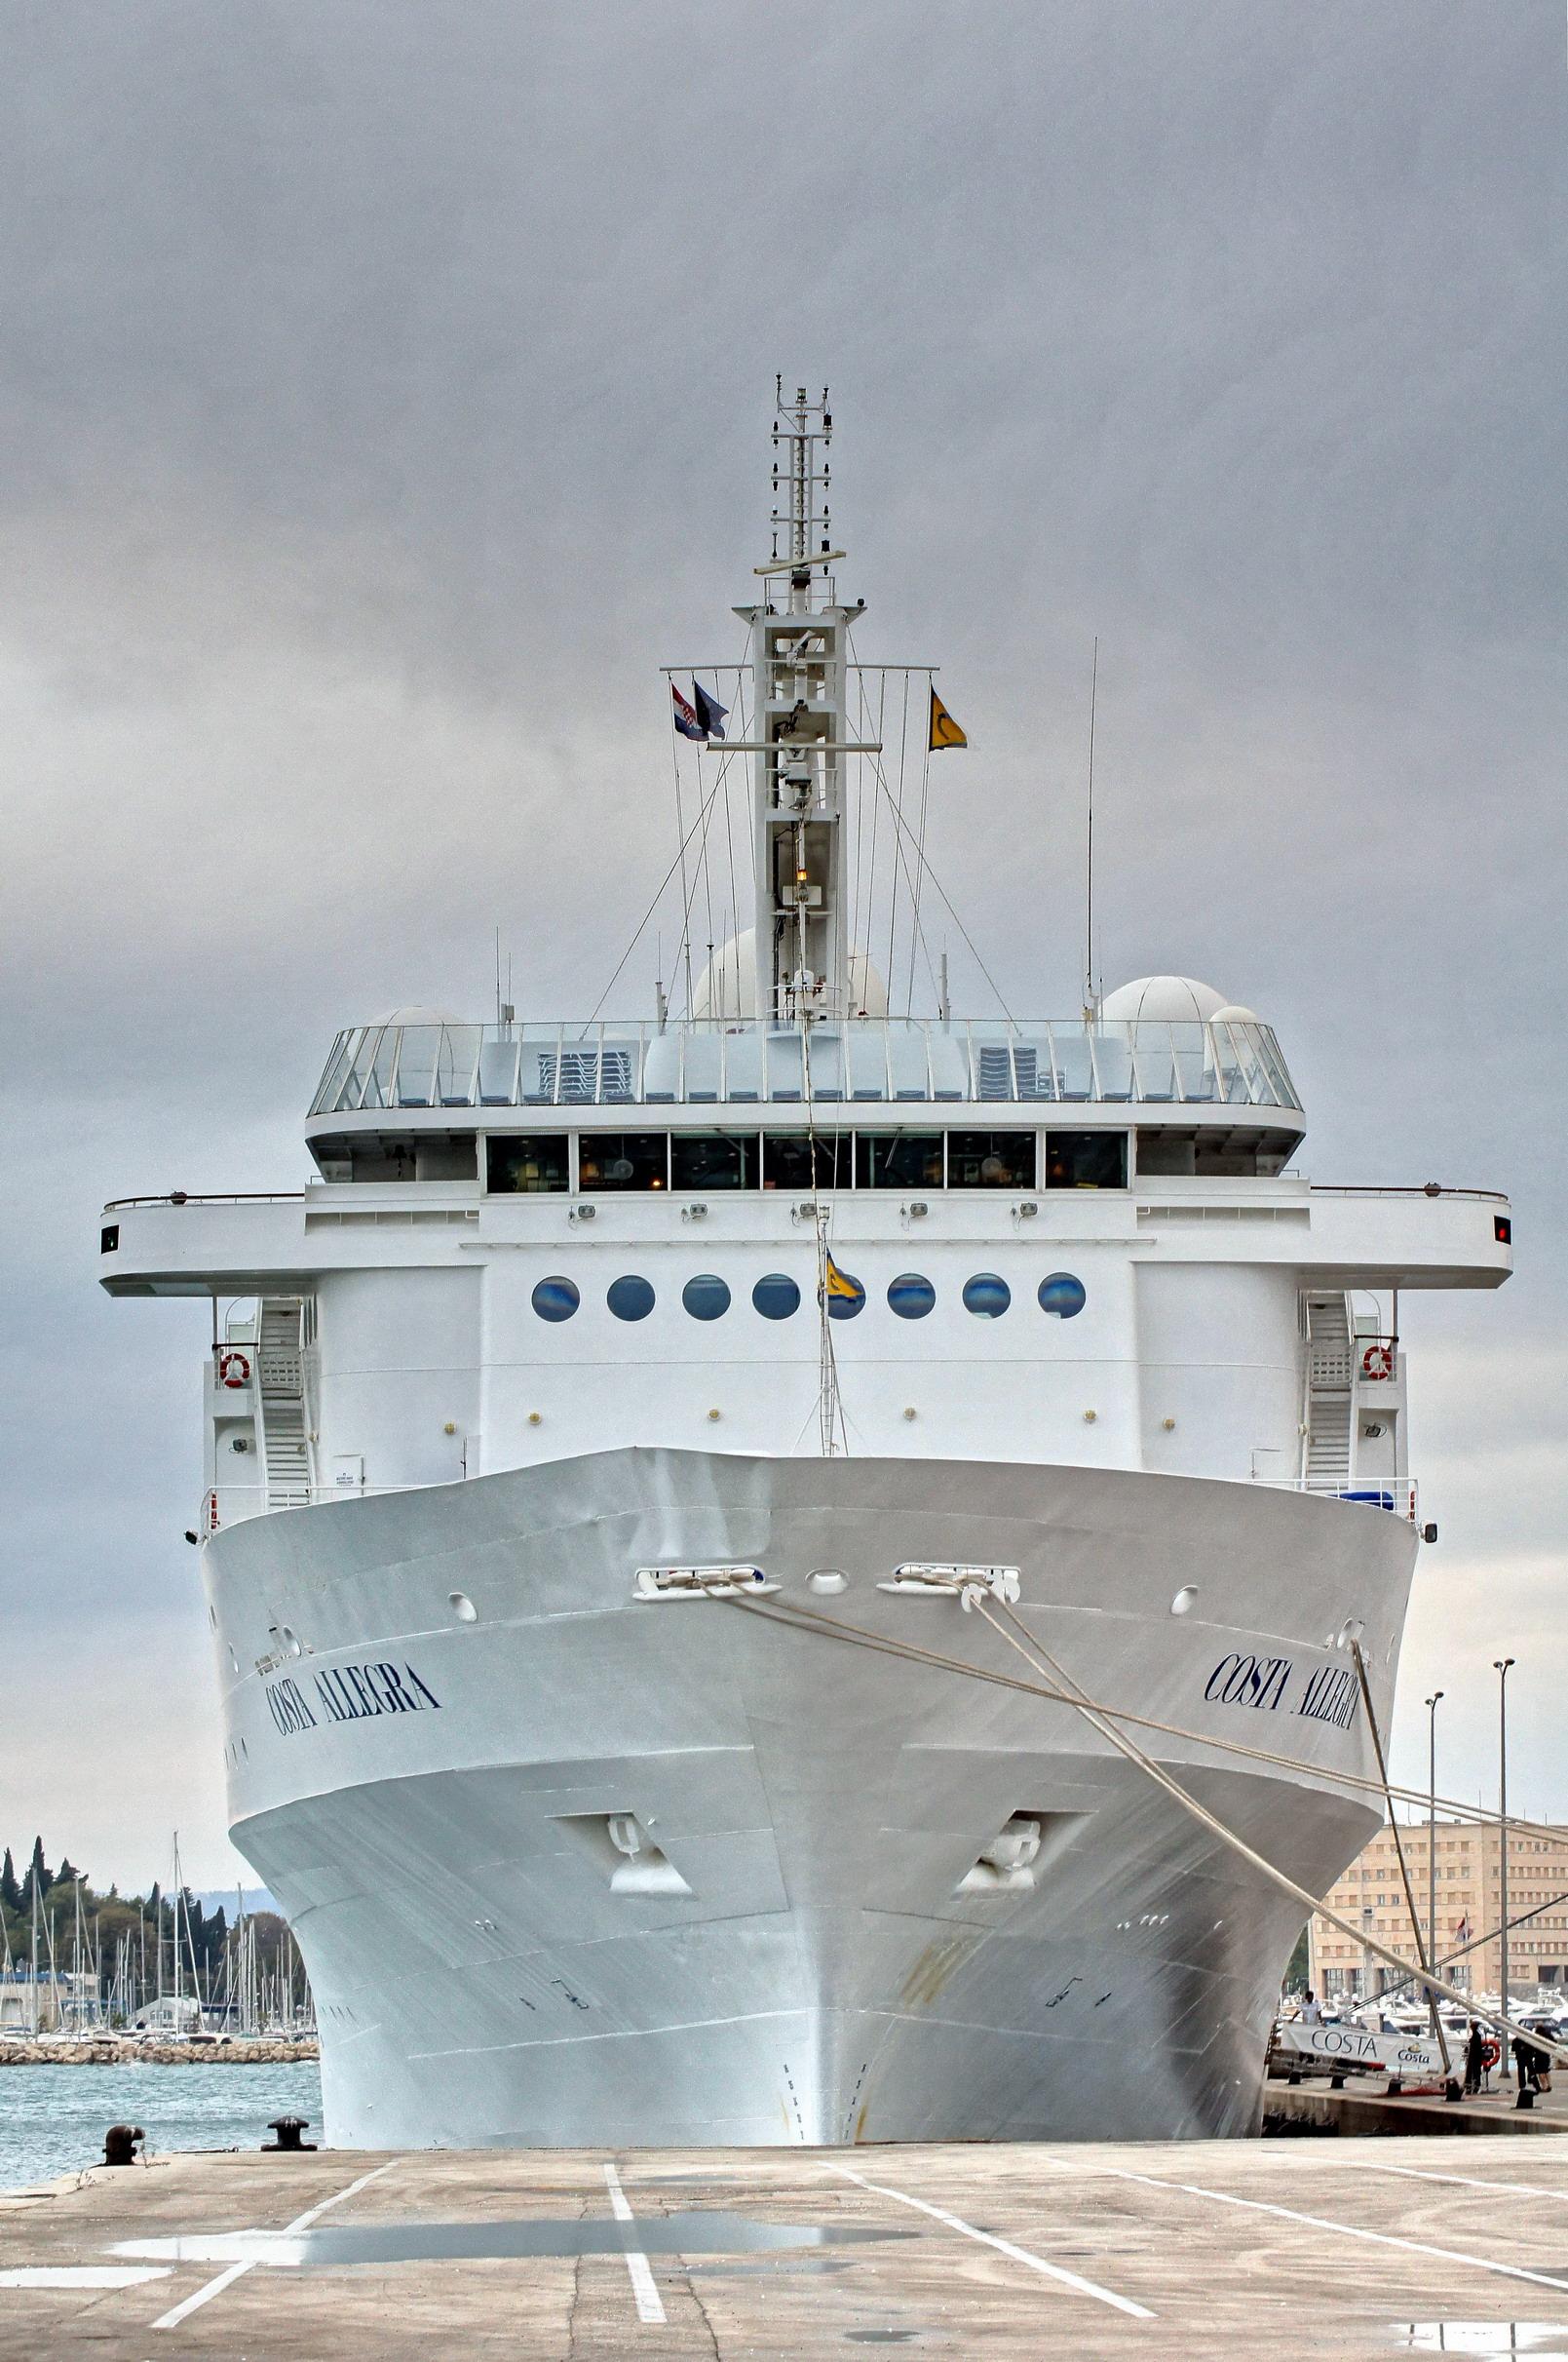 allegra cruise ship reviews